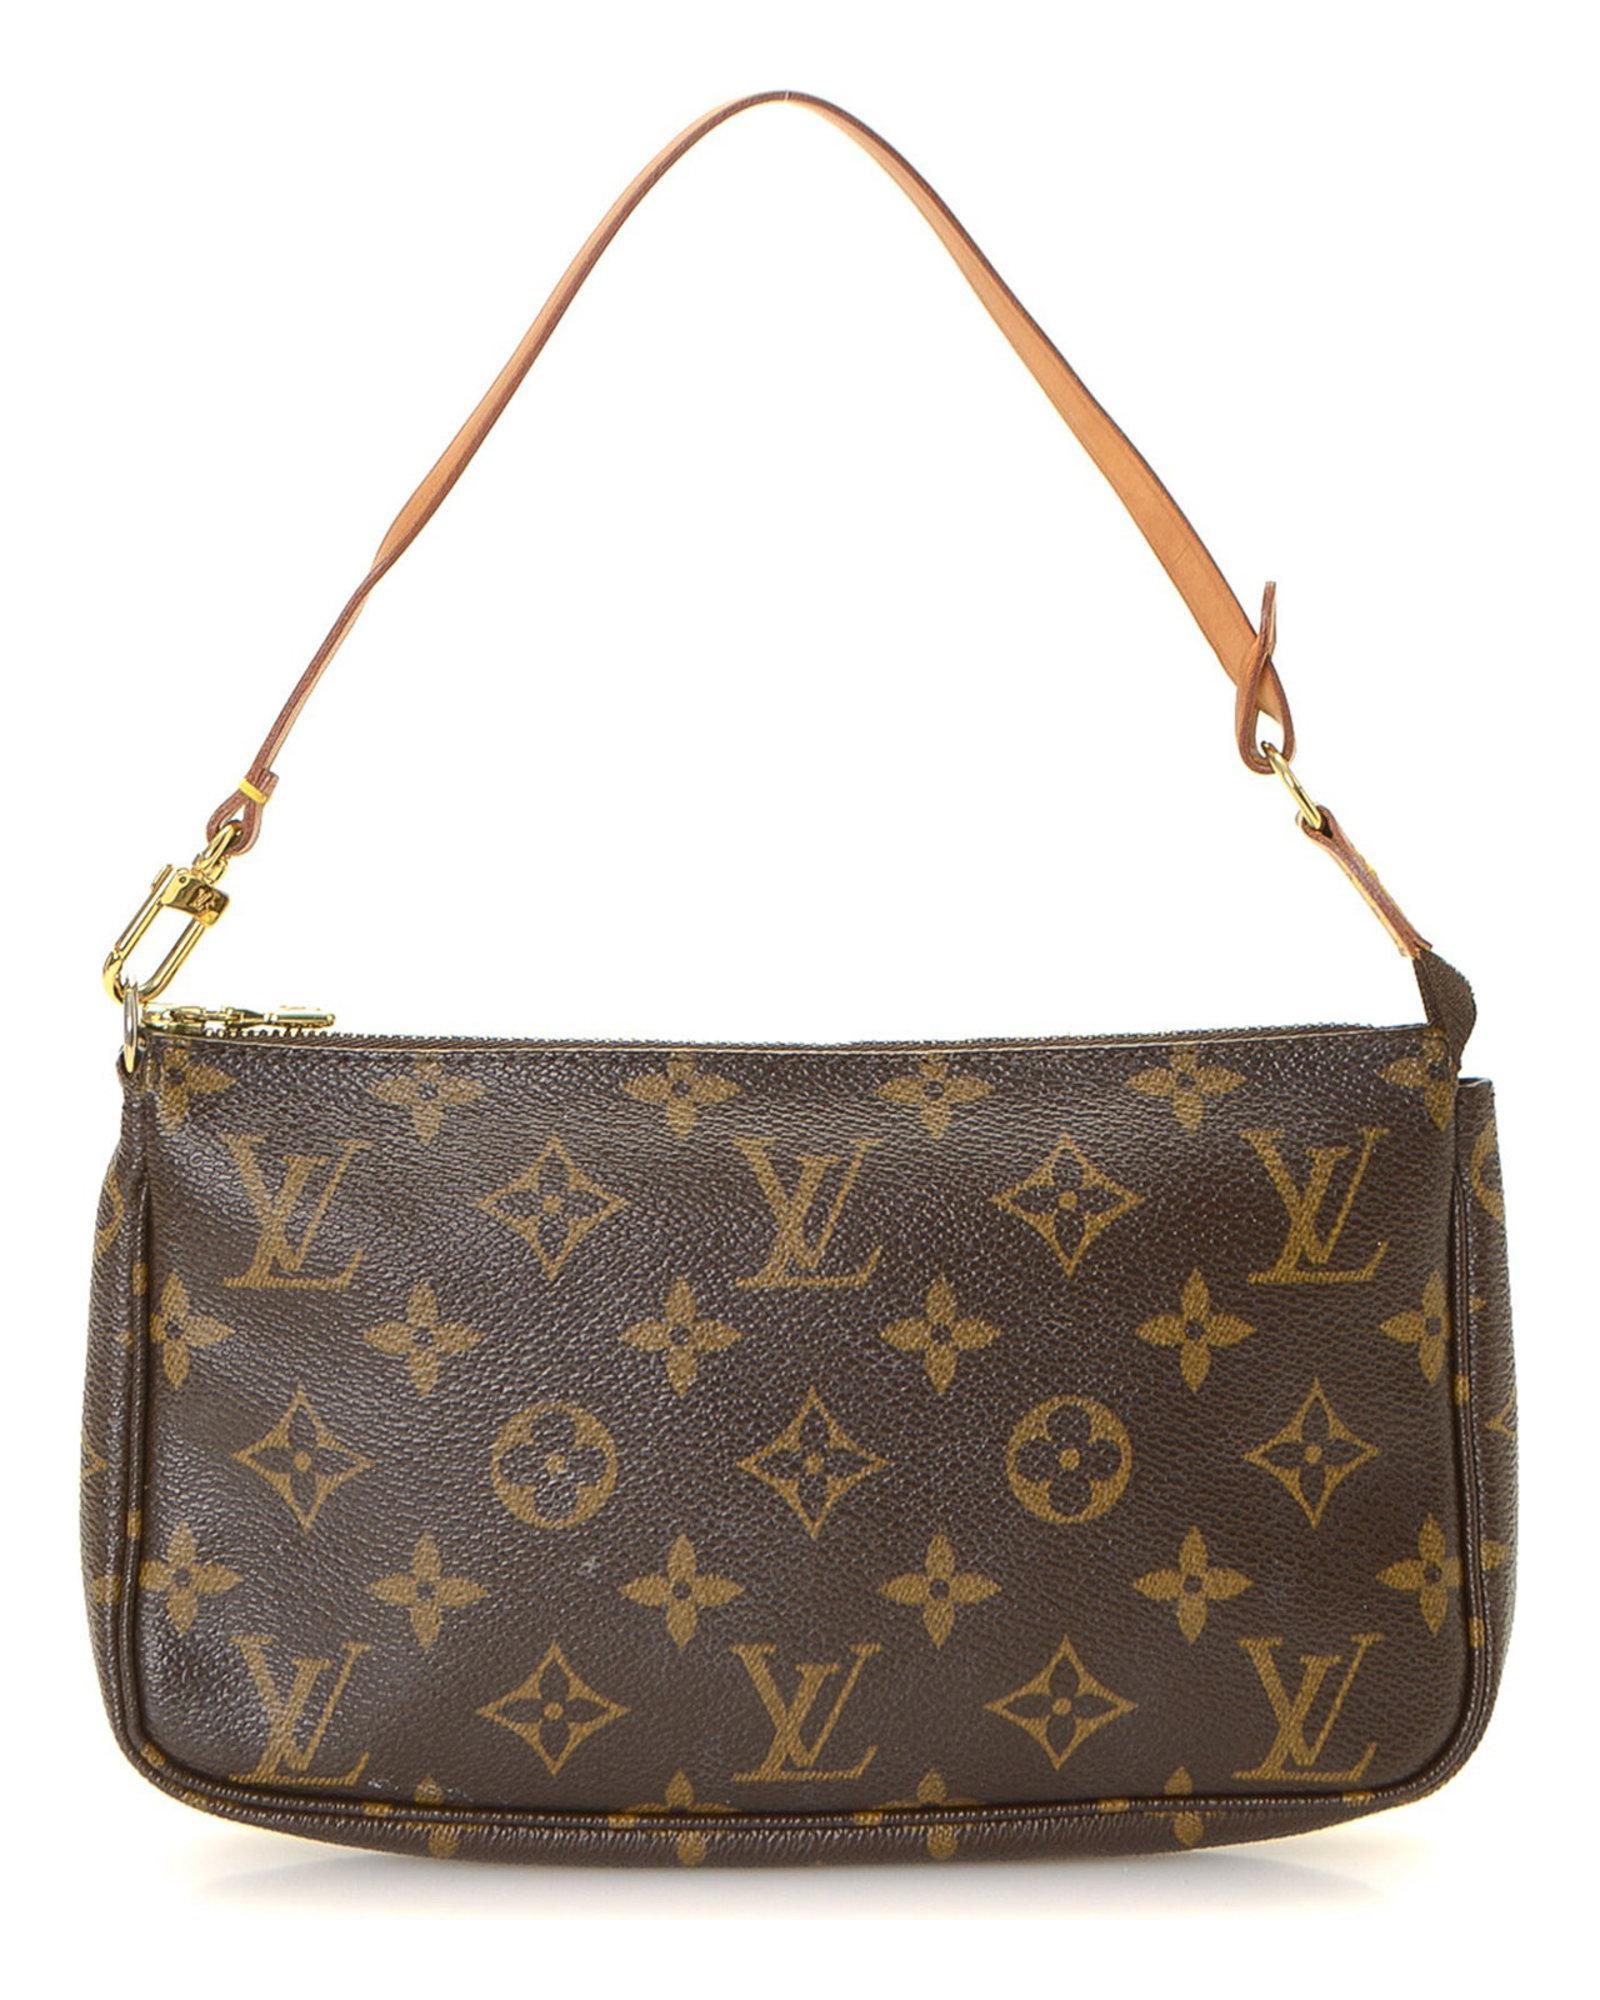 845583bef938 Lyst - Louis Vuitton Pochette Accessoires Monogram Pouch - Vintage ...